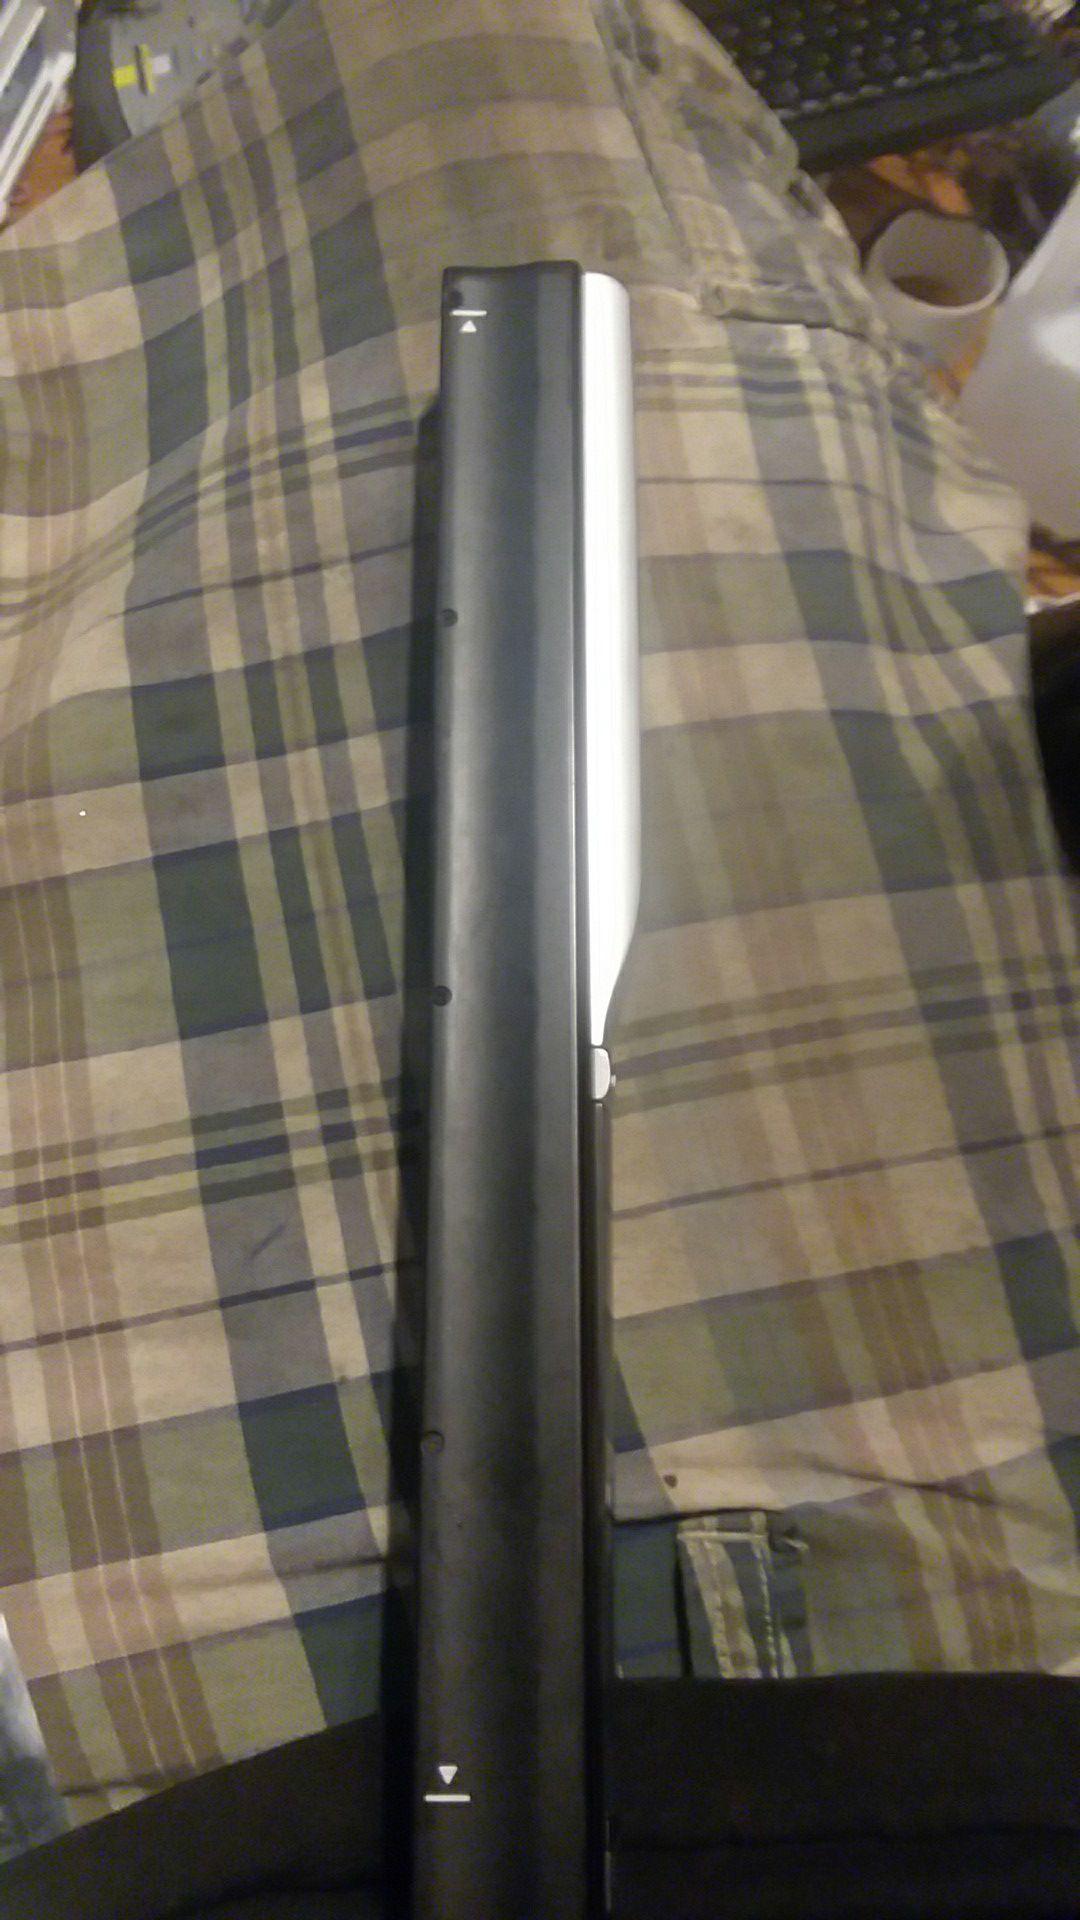 Magic wand handheld documentument scanner